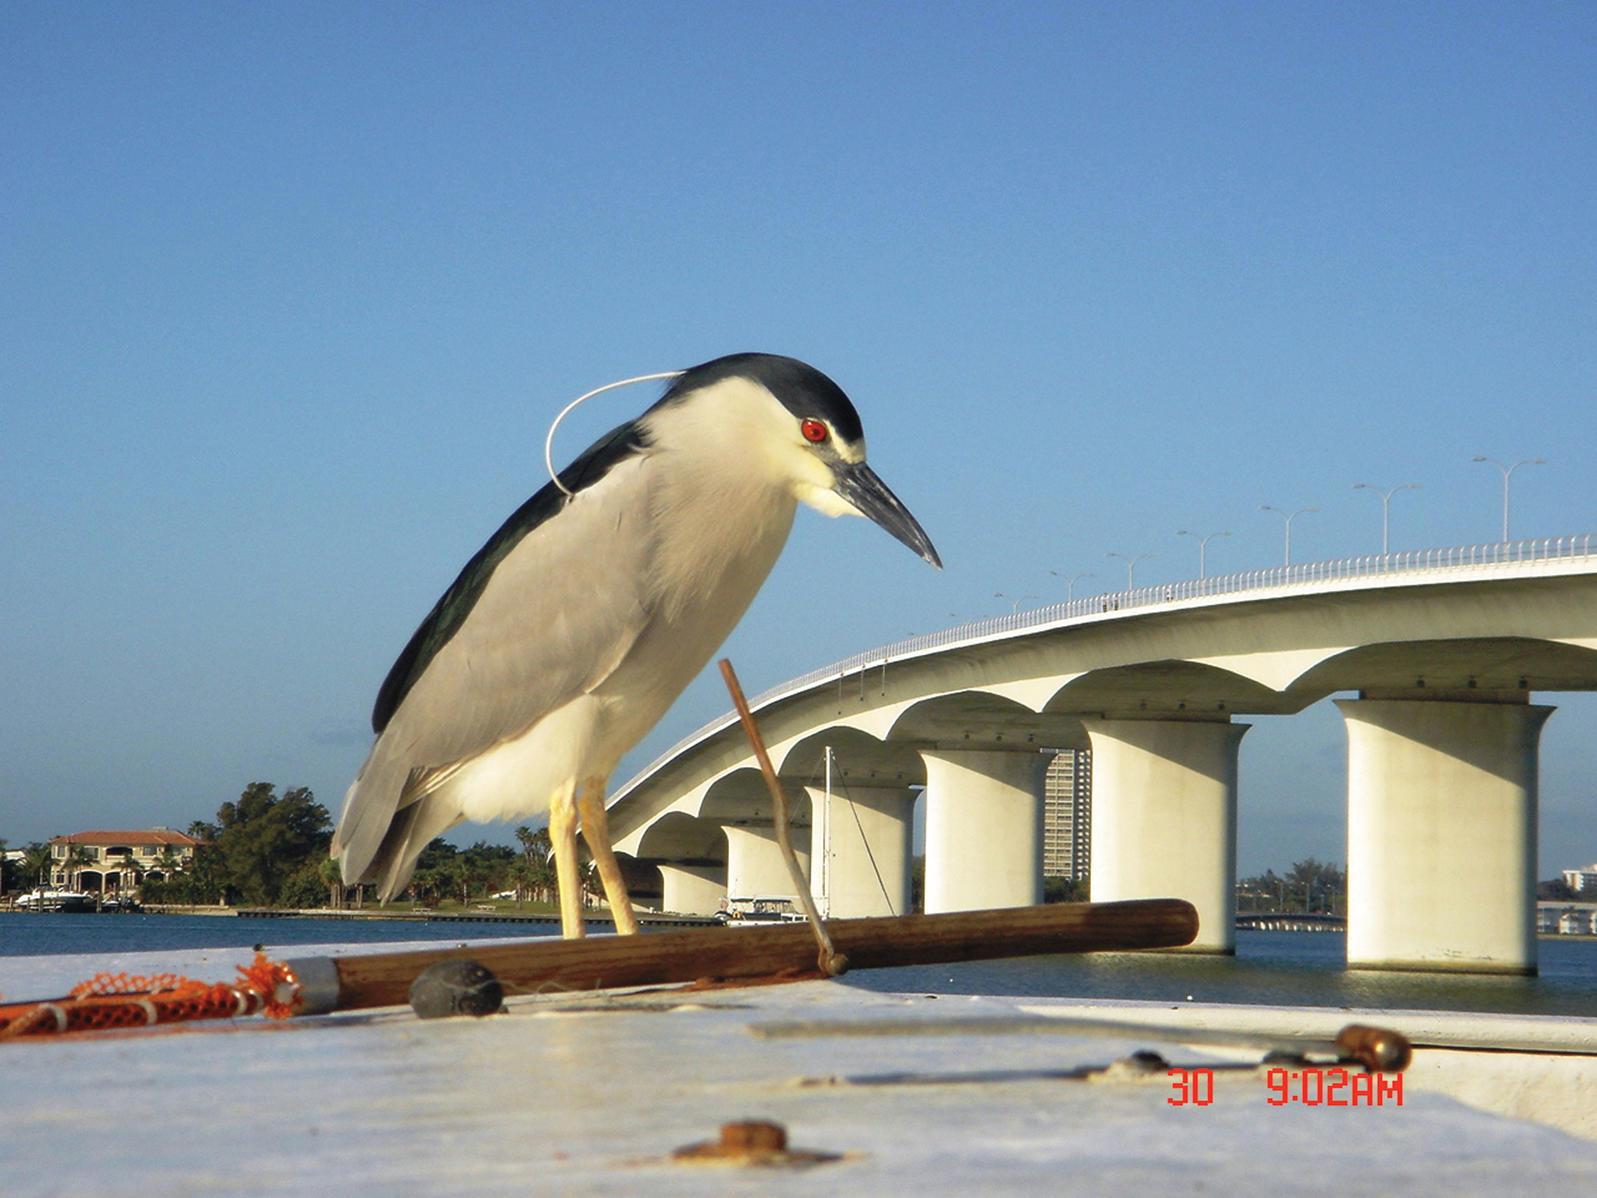 ¿Este martinete común es más grande que un puente? La perspectiva cambia todo cuando se trata de avistar aves.